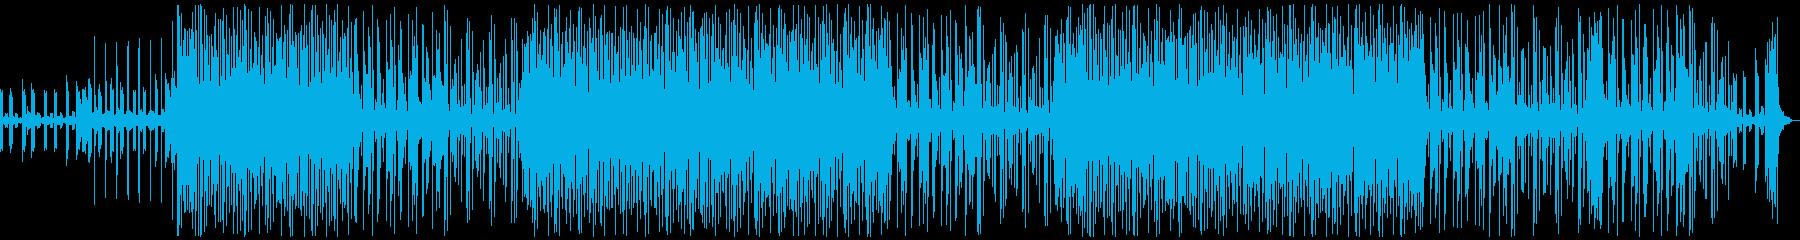 おしゃれで軽快なチルポップの再生済みの波形